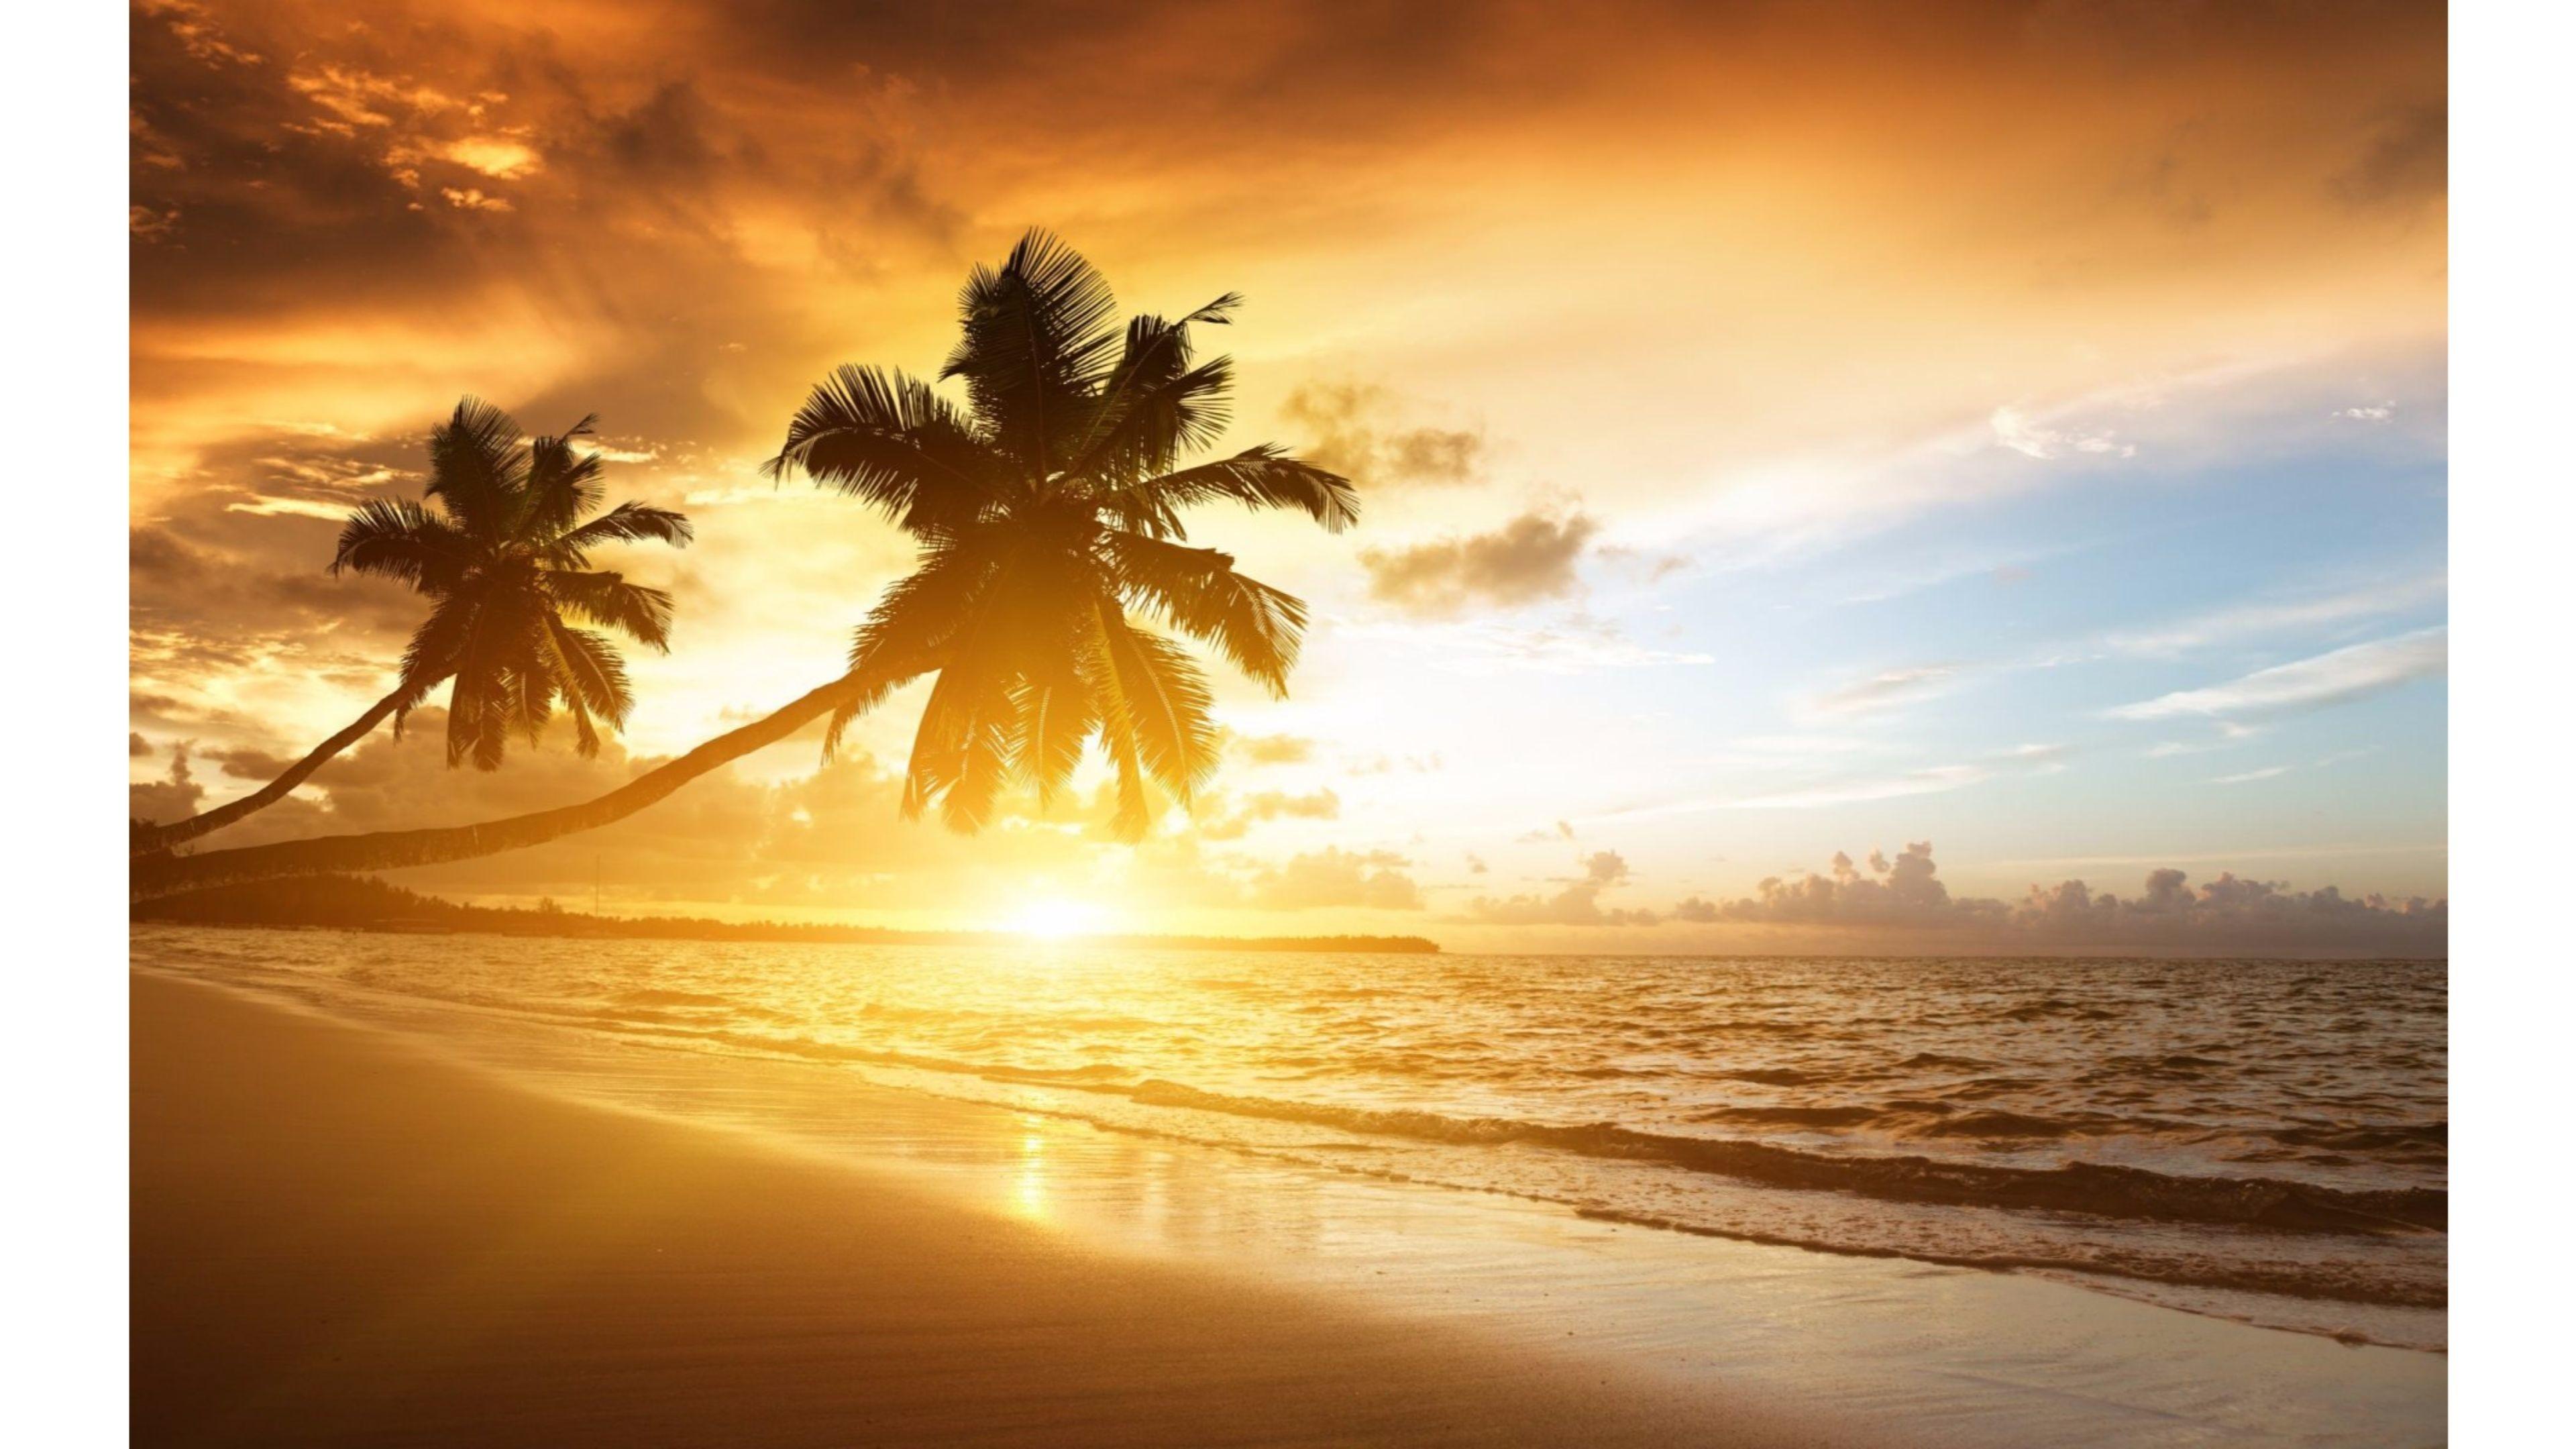 Res: 3840x2160, 2880x1800 Ocean sunset wallpaper